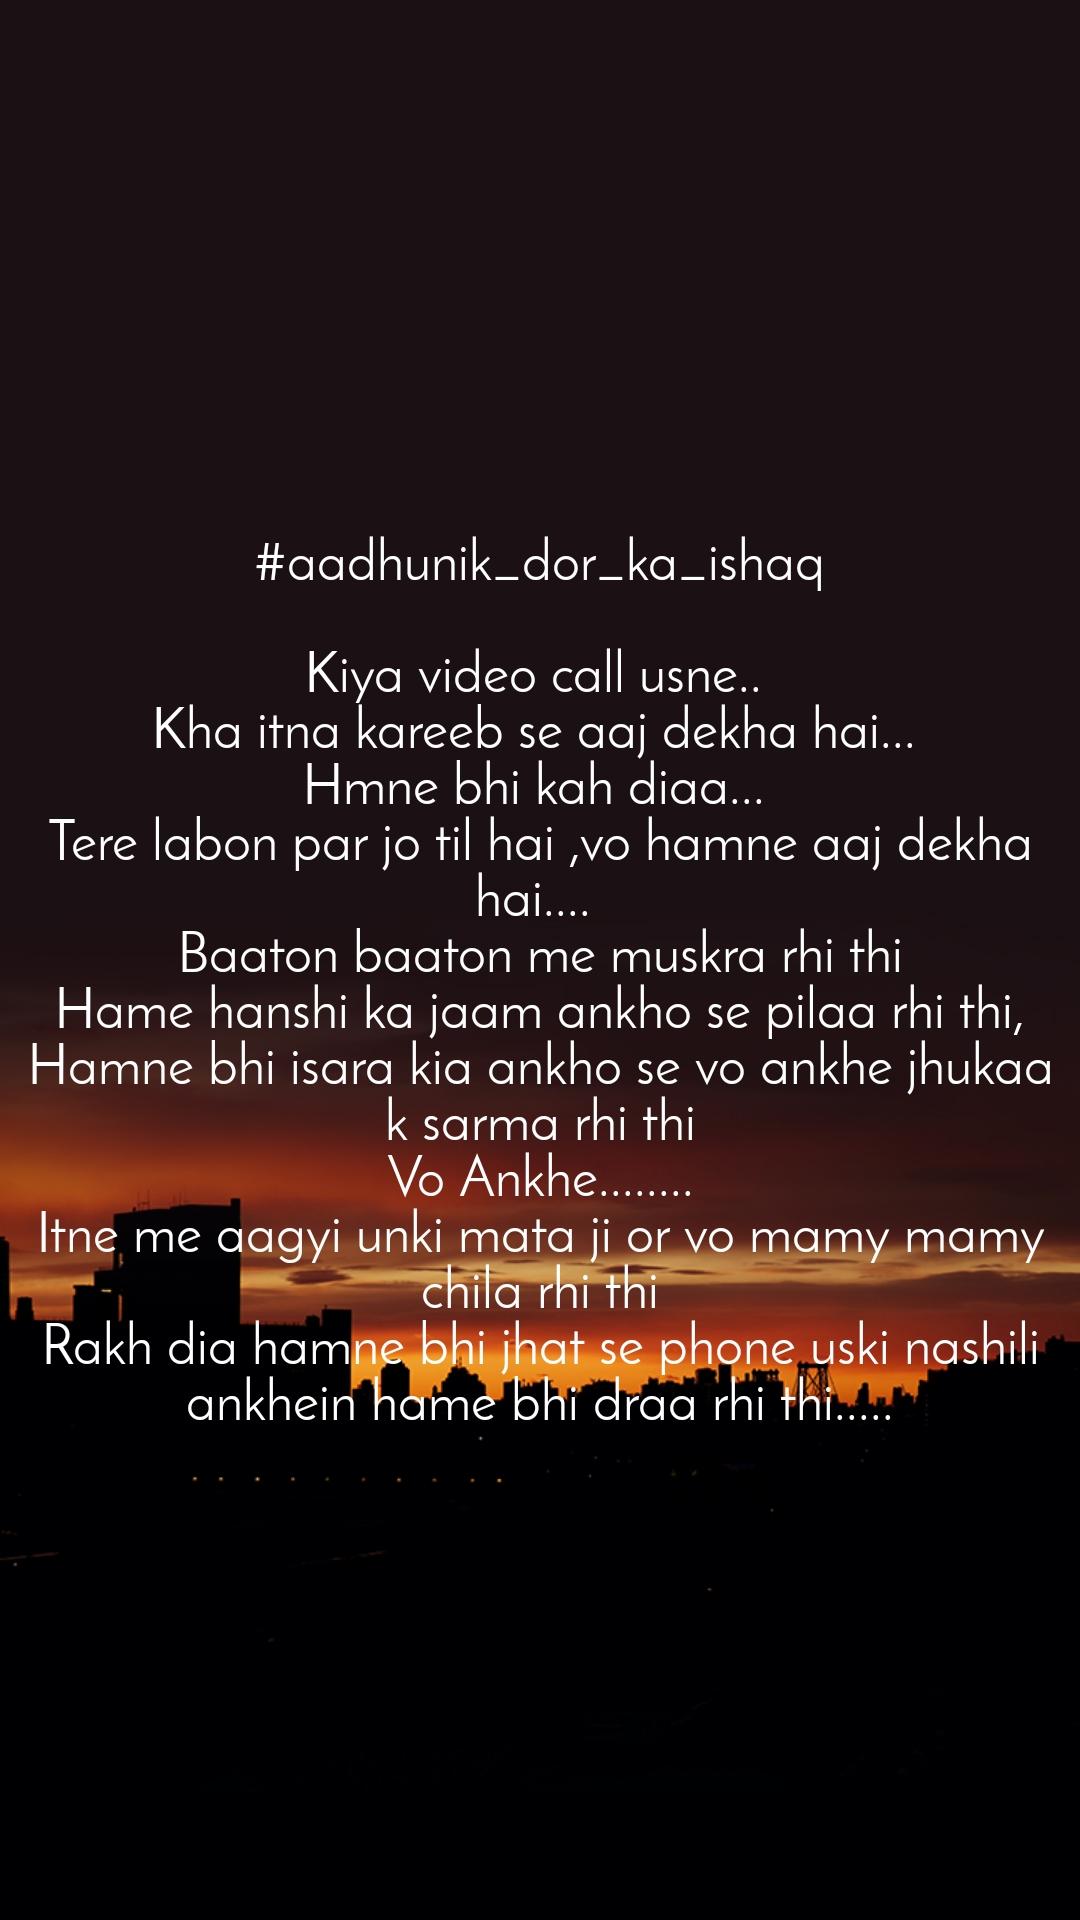 #aadhunik_dor_ka_ishaq  Kiya video call usne..  Kha itna kareeb se aaj dekha hai...  Hmne bhi kah diaa...  Tere labon par jo til hai ,vo hamne aaj dekha hai....  Baaton baaton me muskra rhi thi Hame hanshi ka jaam ankho se pilaa rhi thi, Hamne bhi isara kia ankho se vo ankhe jhukaa k sarma rhi thi Vo Ankhe........ Itne me aagyi unki mata ji or vo mamy mamy chila rhi thi Rakh dia hamne bhi jhat se phone uski nashili ankhein hame bhi draa rhi thi.....